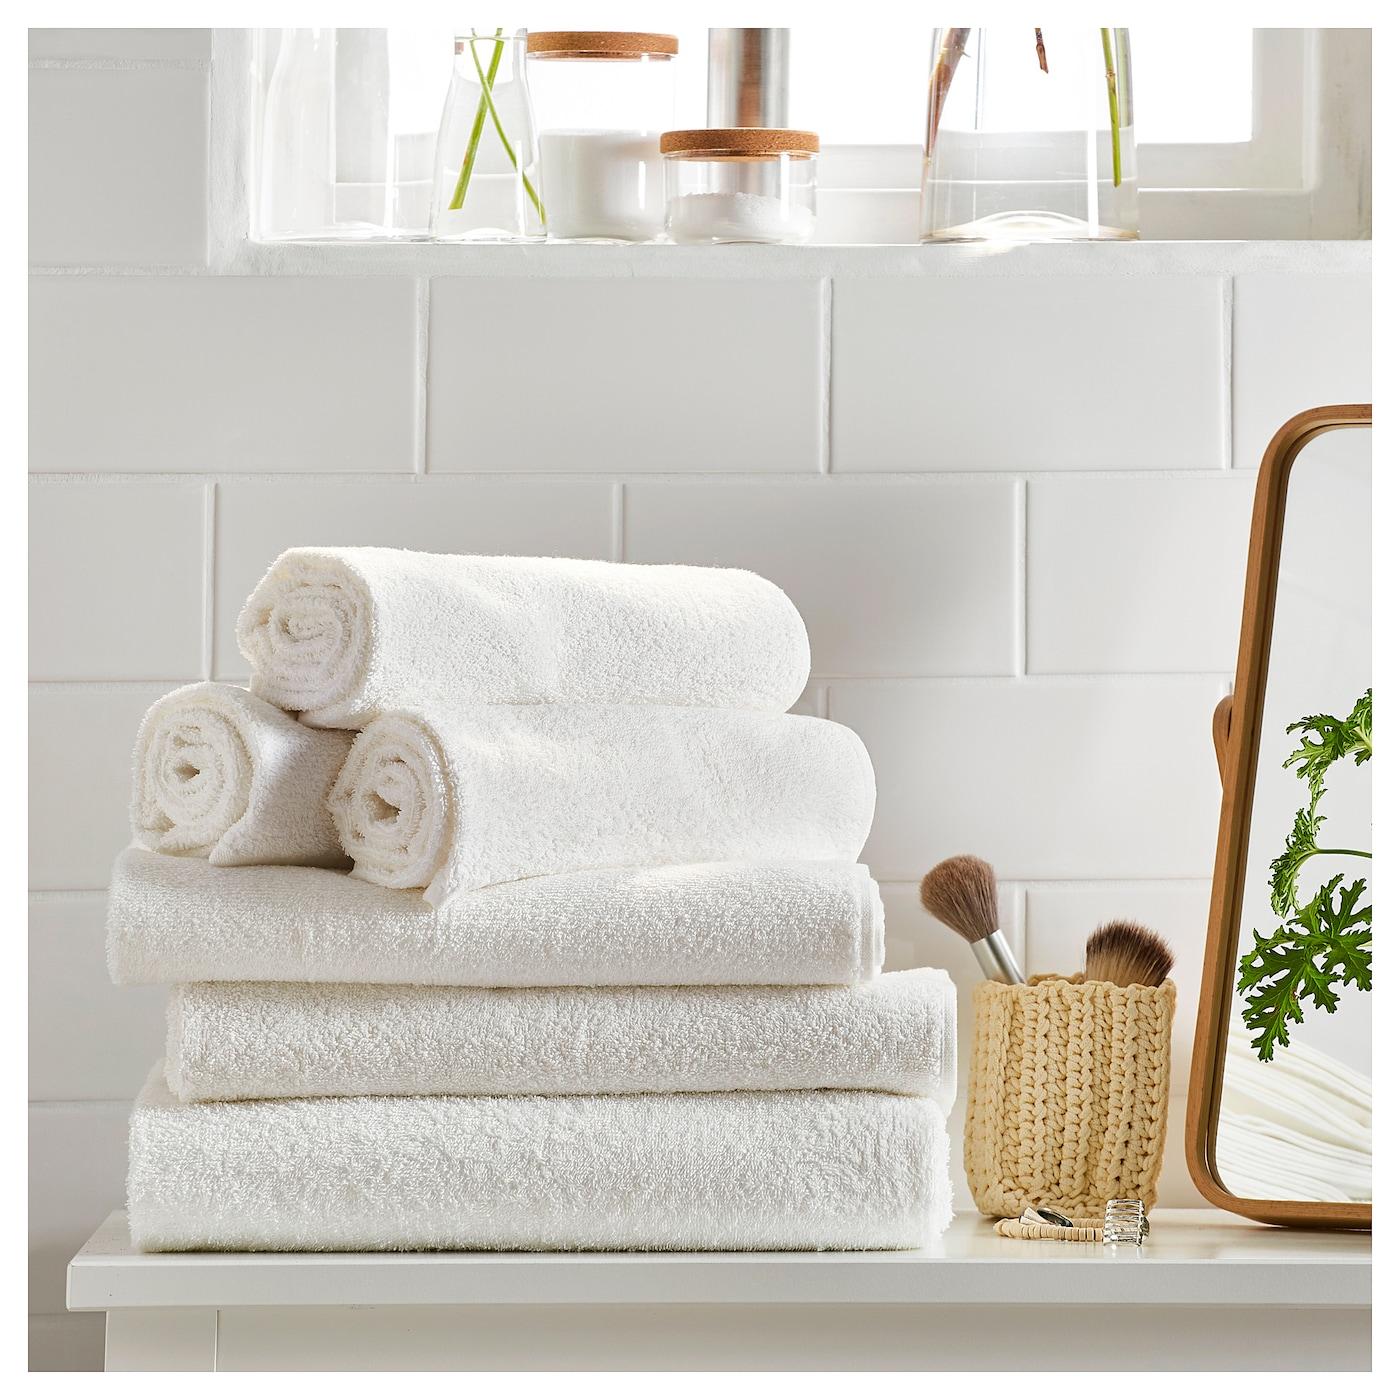 H ren toalla de ba o blanco 100 x 150 cm ikea - Toallas de bano ikea ...